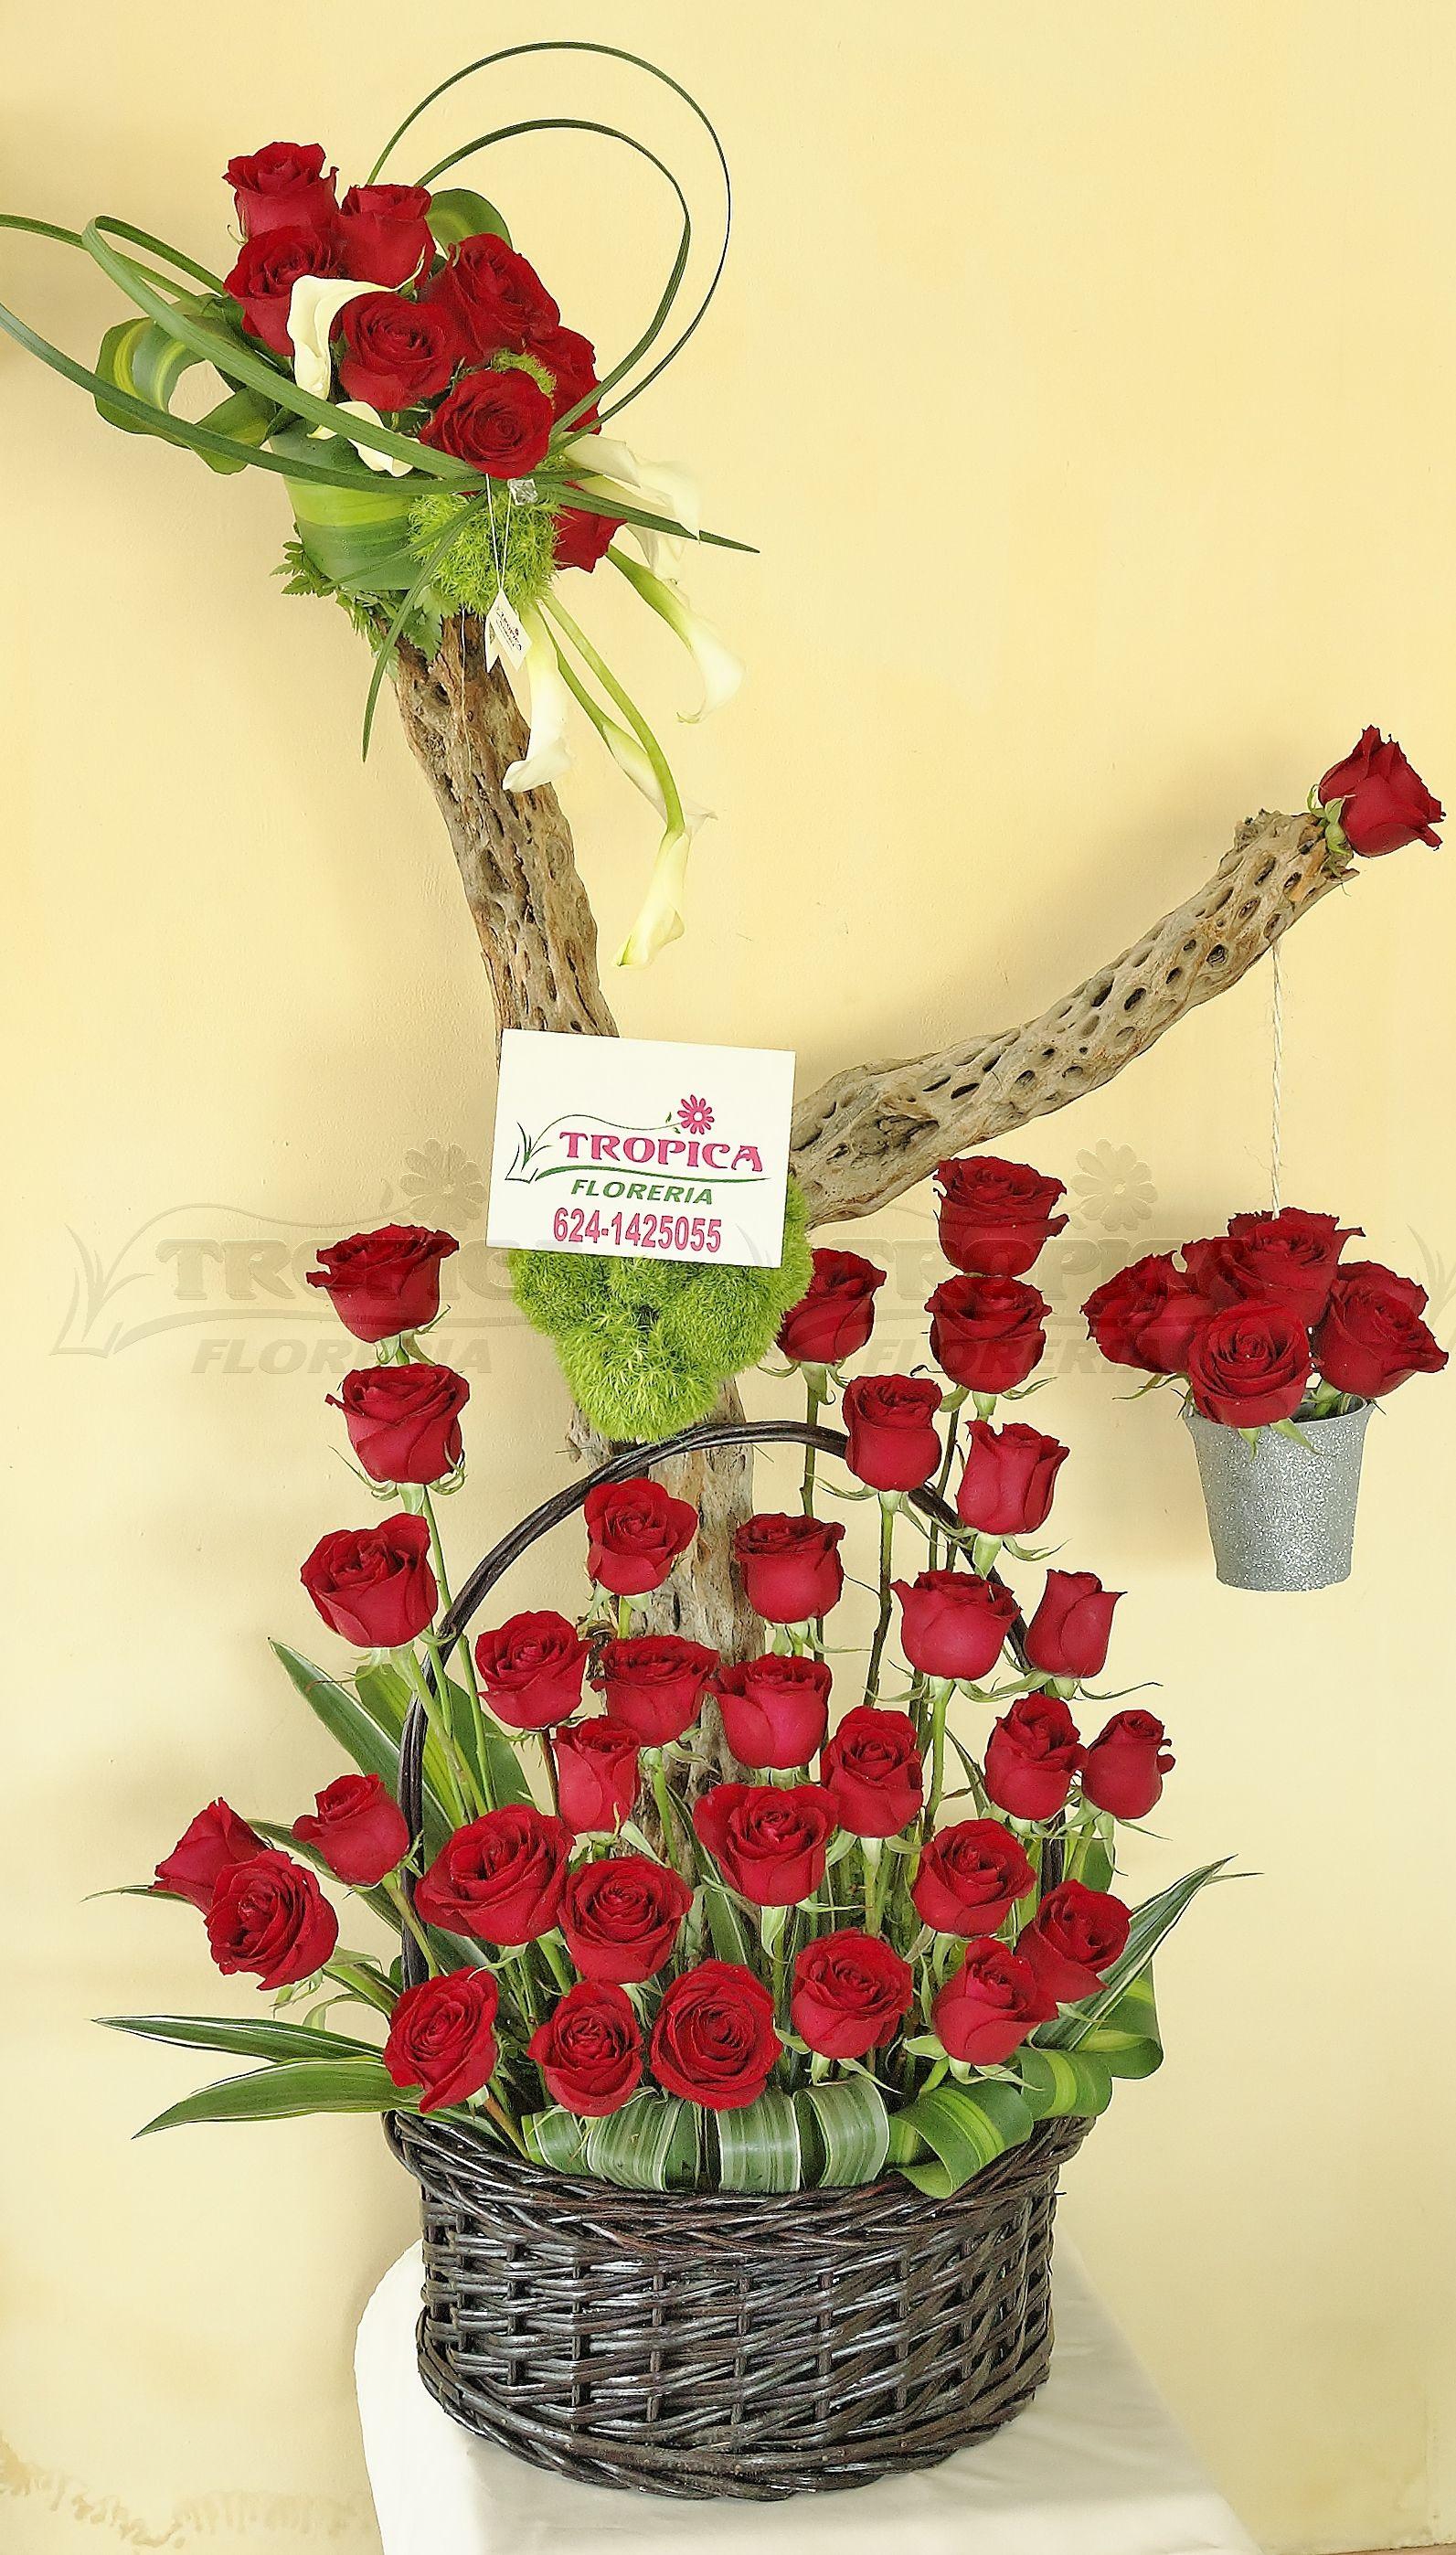 Arreglo De Rosas Tropica Floreria Arreglos Florales